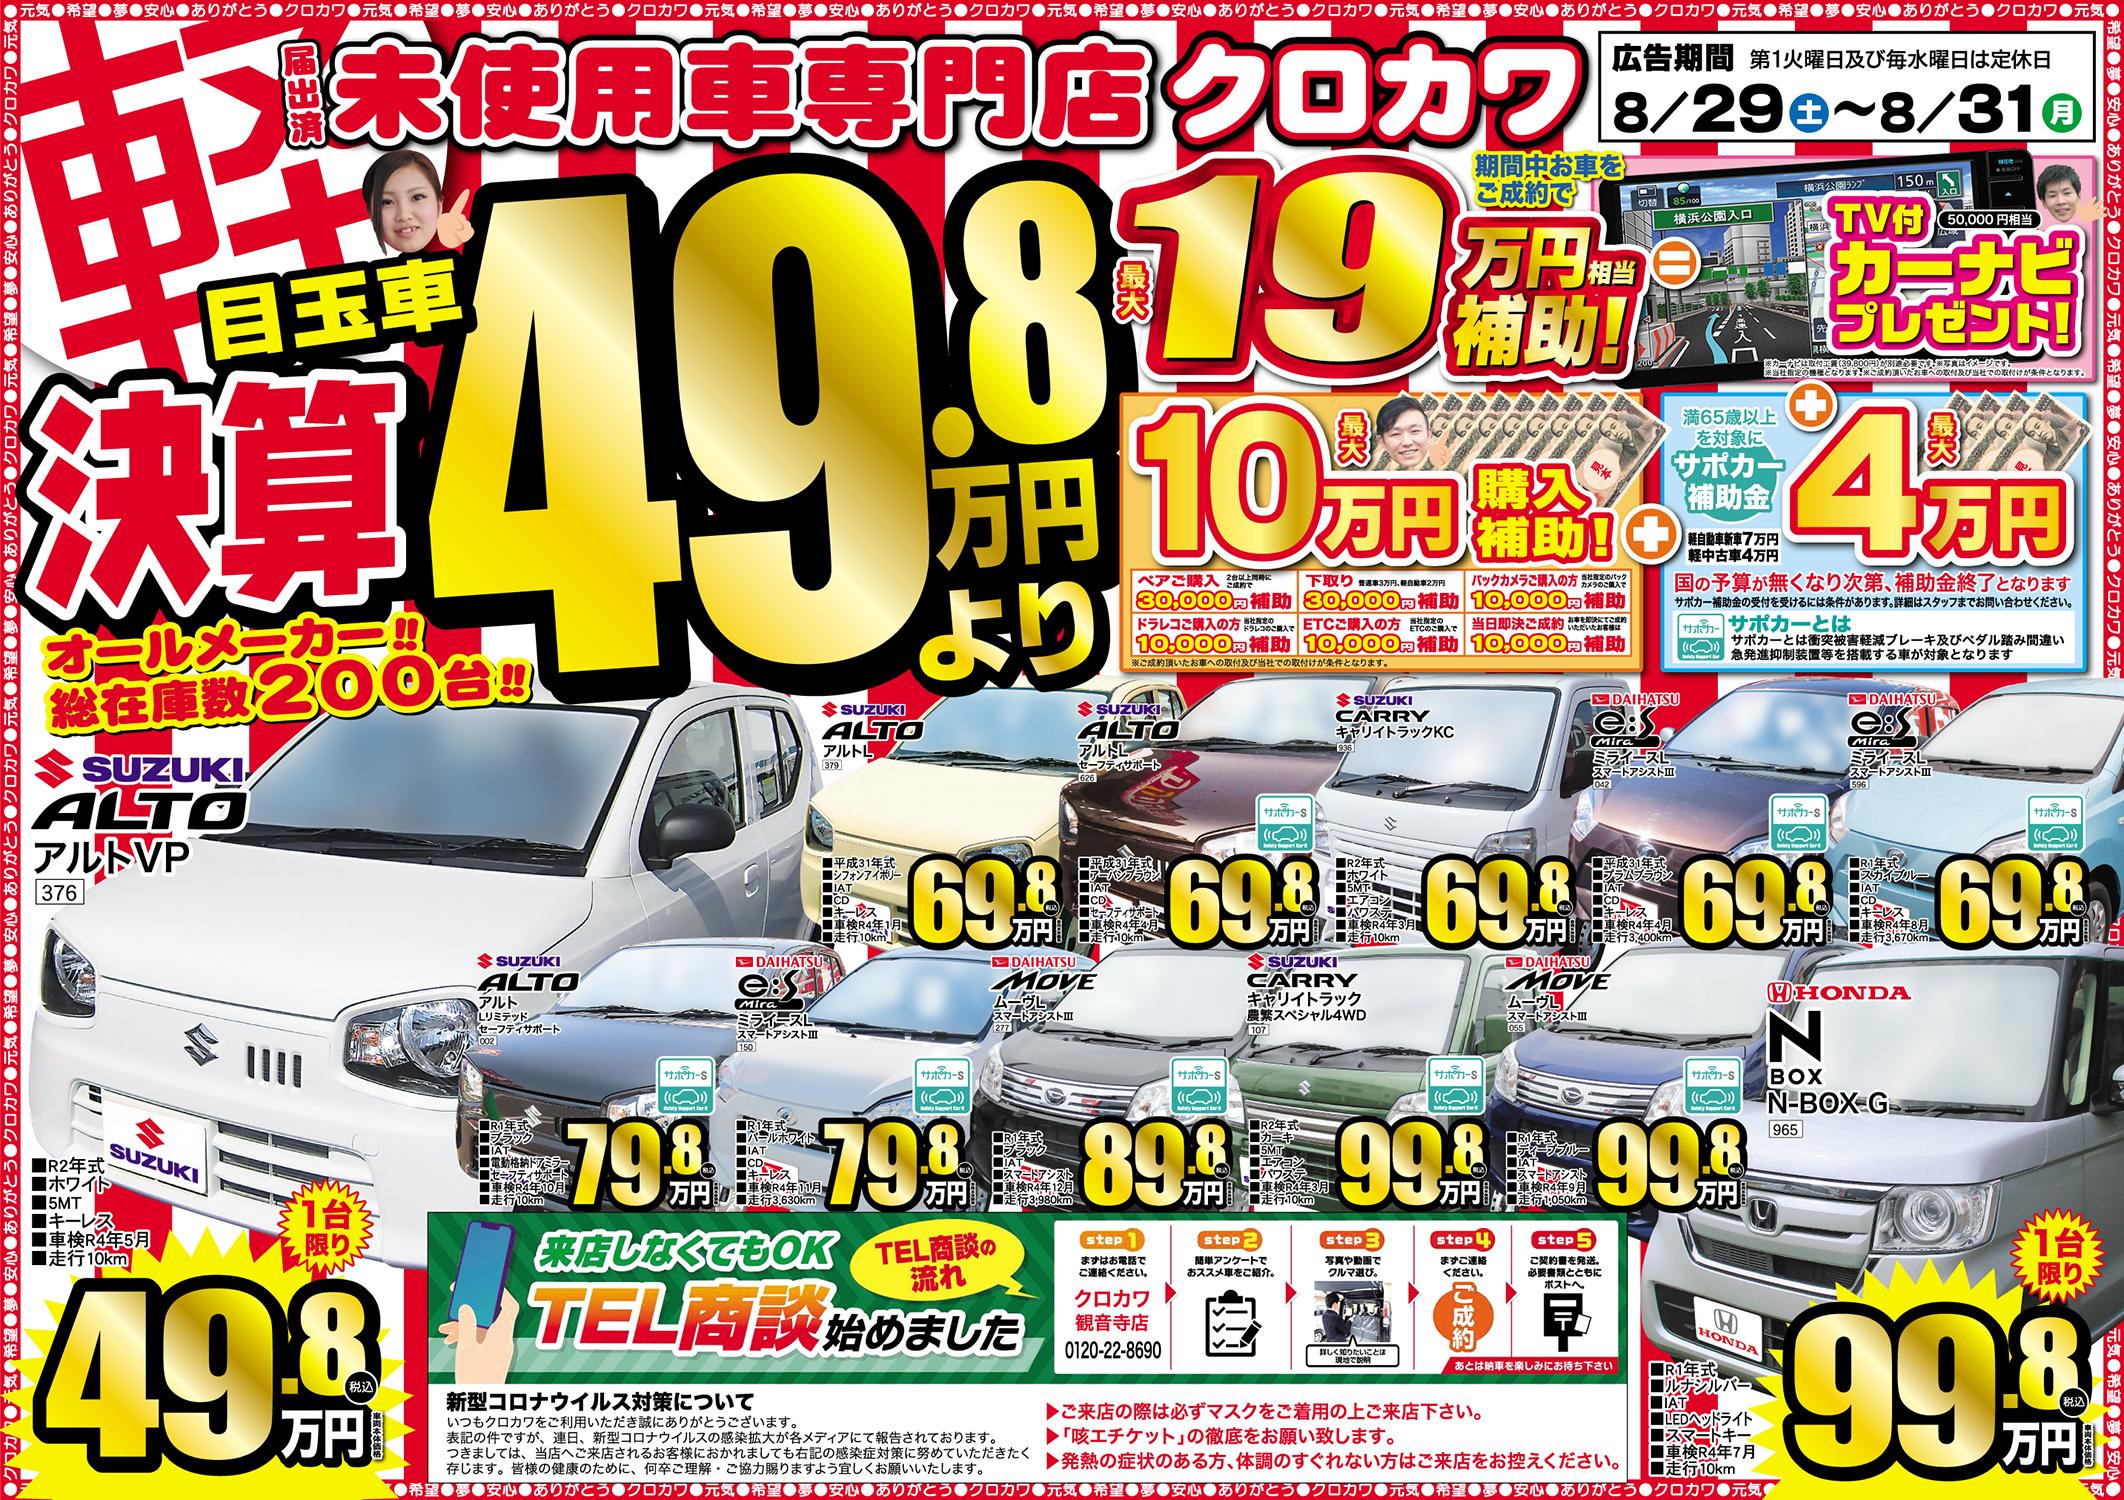 【決算】目玉車49.8万円より